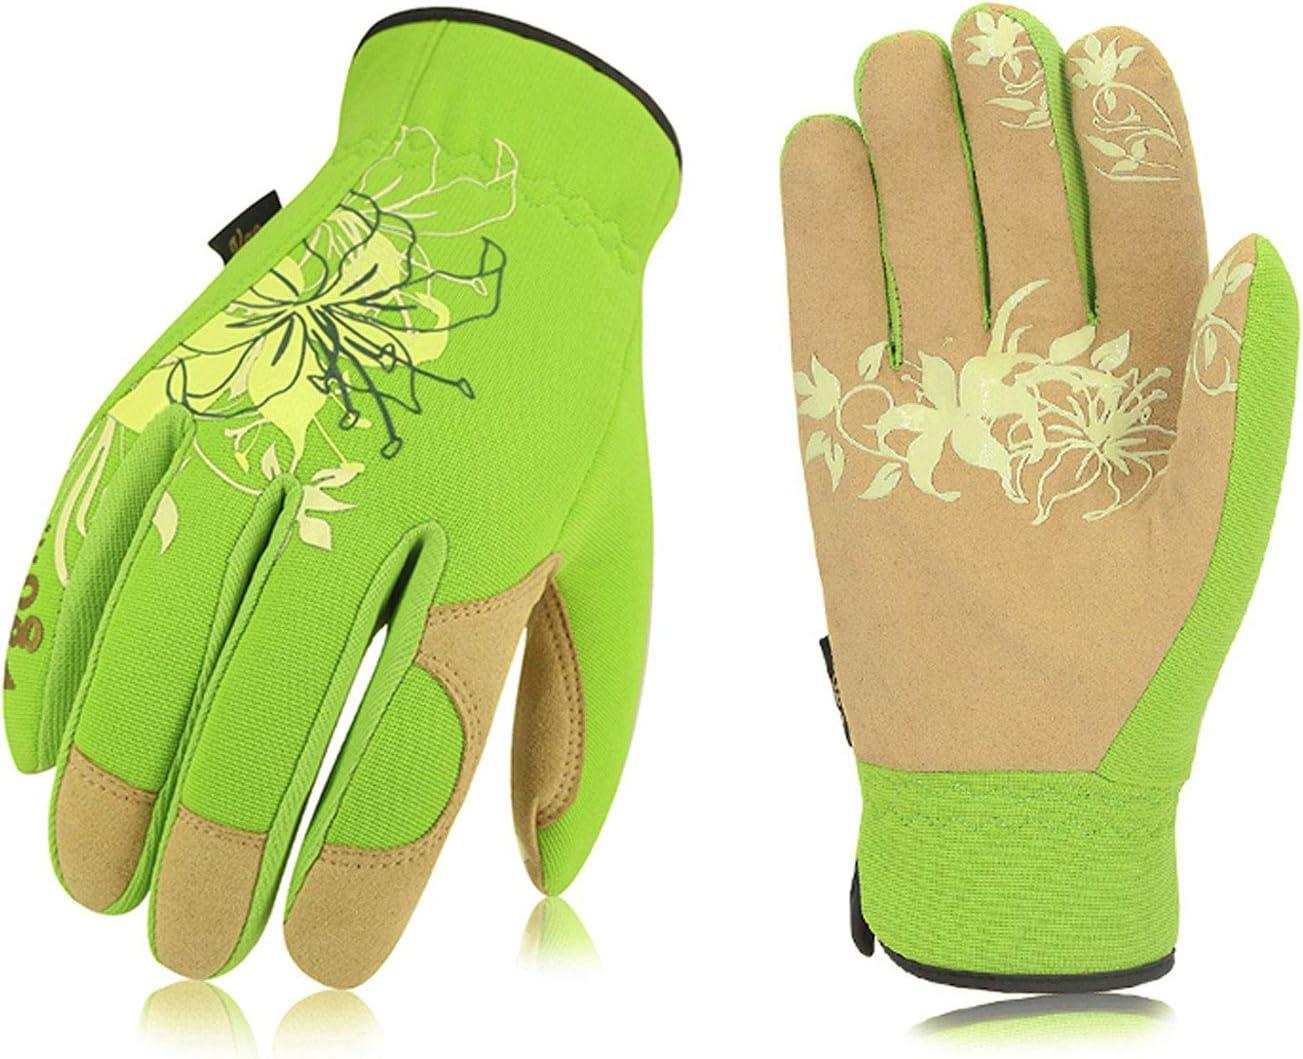 Vgo 1-Pair Ladies Washable Leather Garden Gloves, Work Gloves (Size M, Green, SL7443)